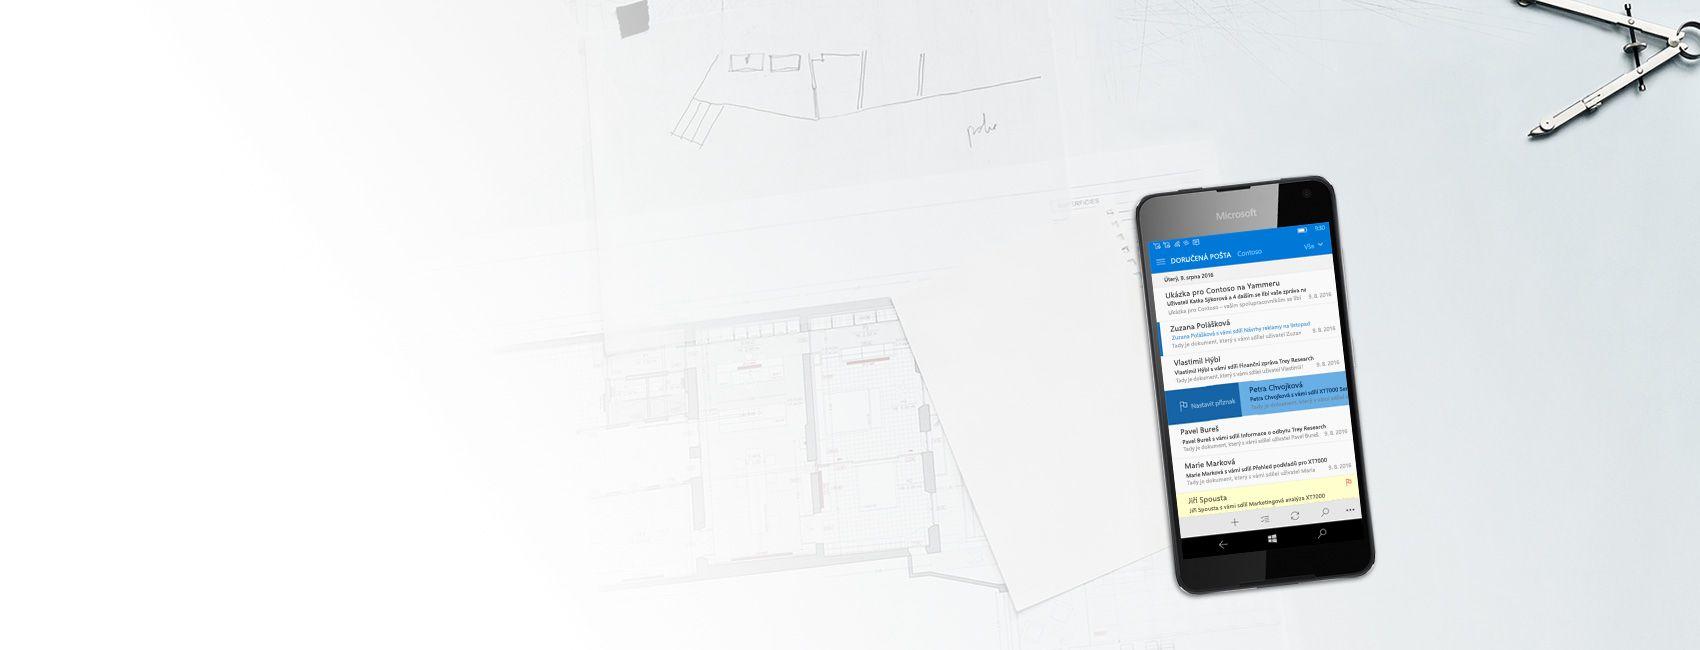 Telefon s Windows zobrazující doručenou e-mailovou poštu v Outlooku pro Windows 10 Mobile